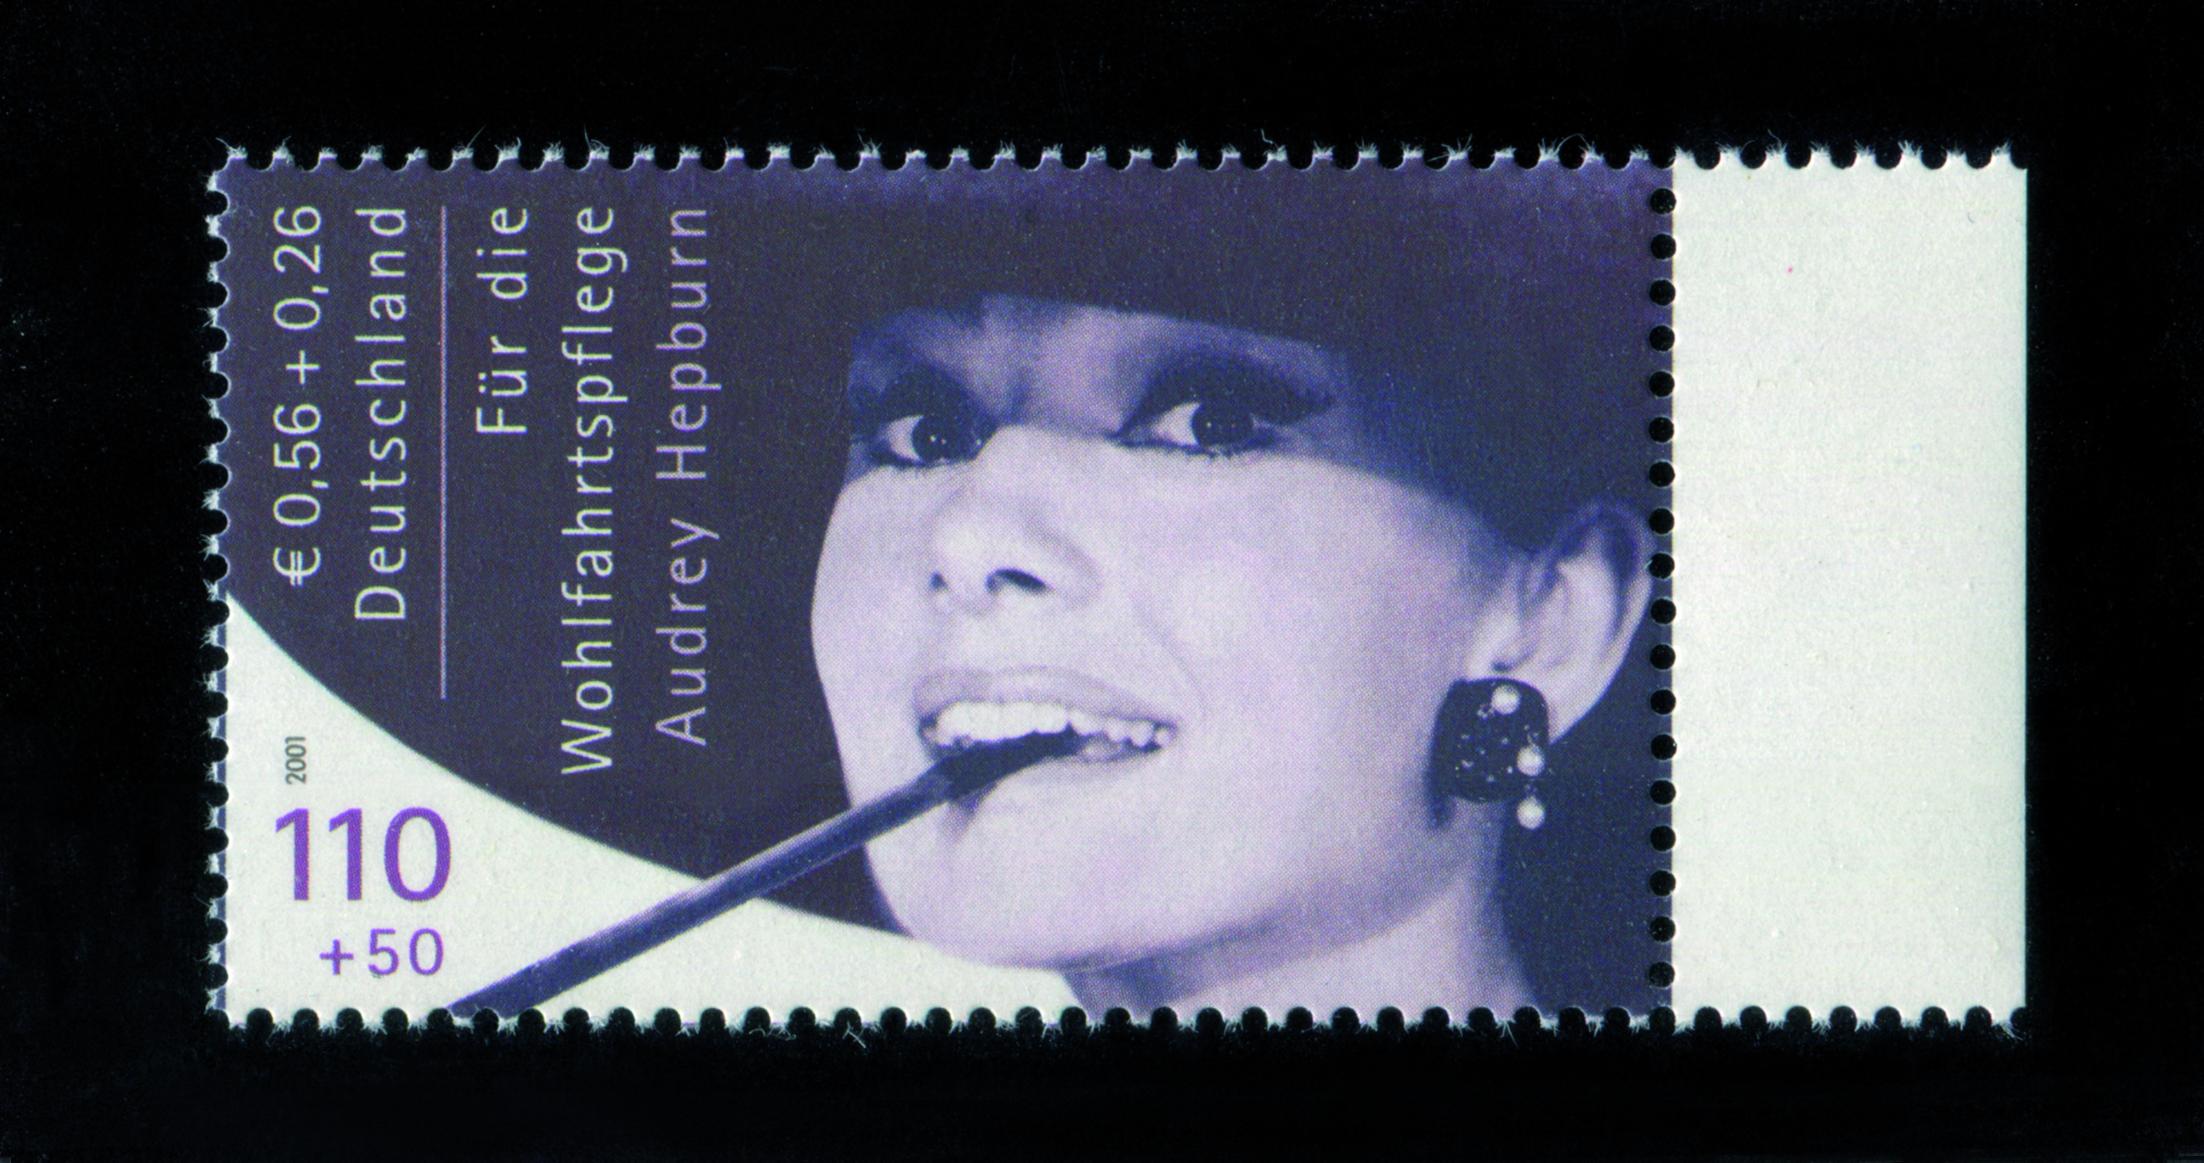 Wohlfahrtsmarke Audrey Hepburn, Deutschland 2001 | Foto: eBay Inc.